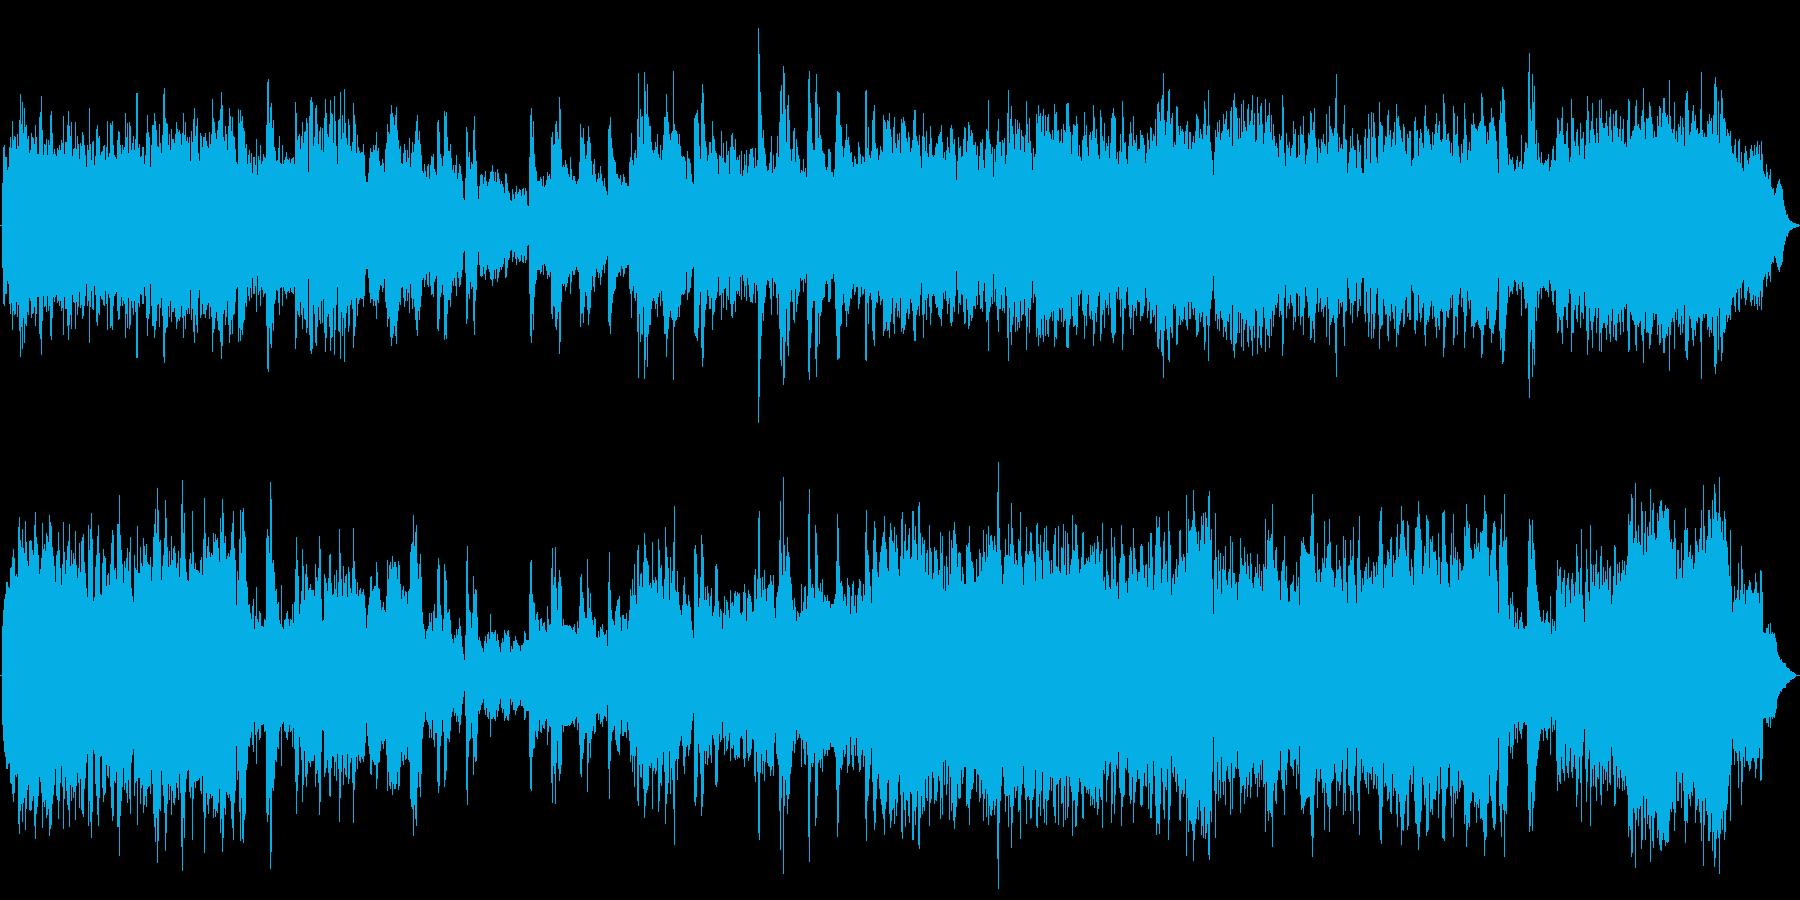 オーケストラによる冒険の始まりを告げる曲の再生済みの波形